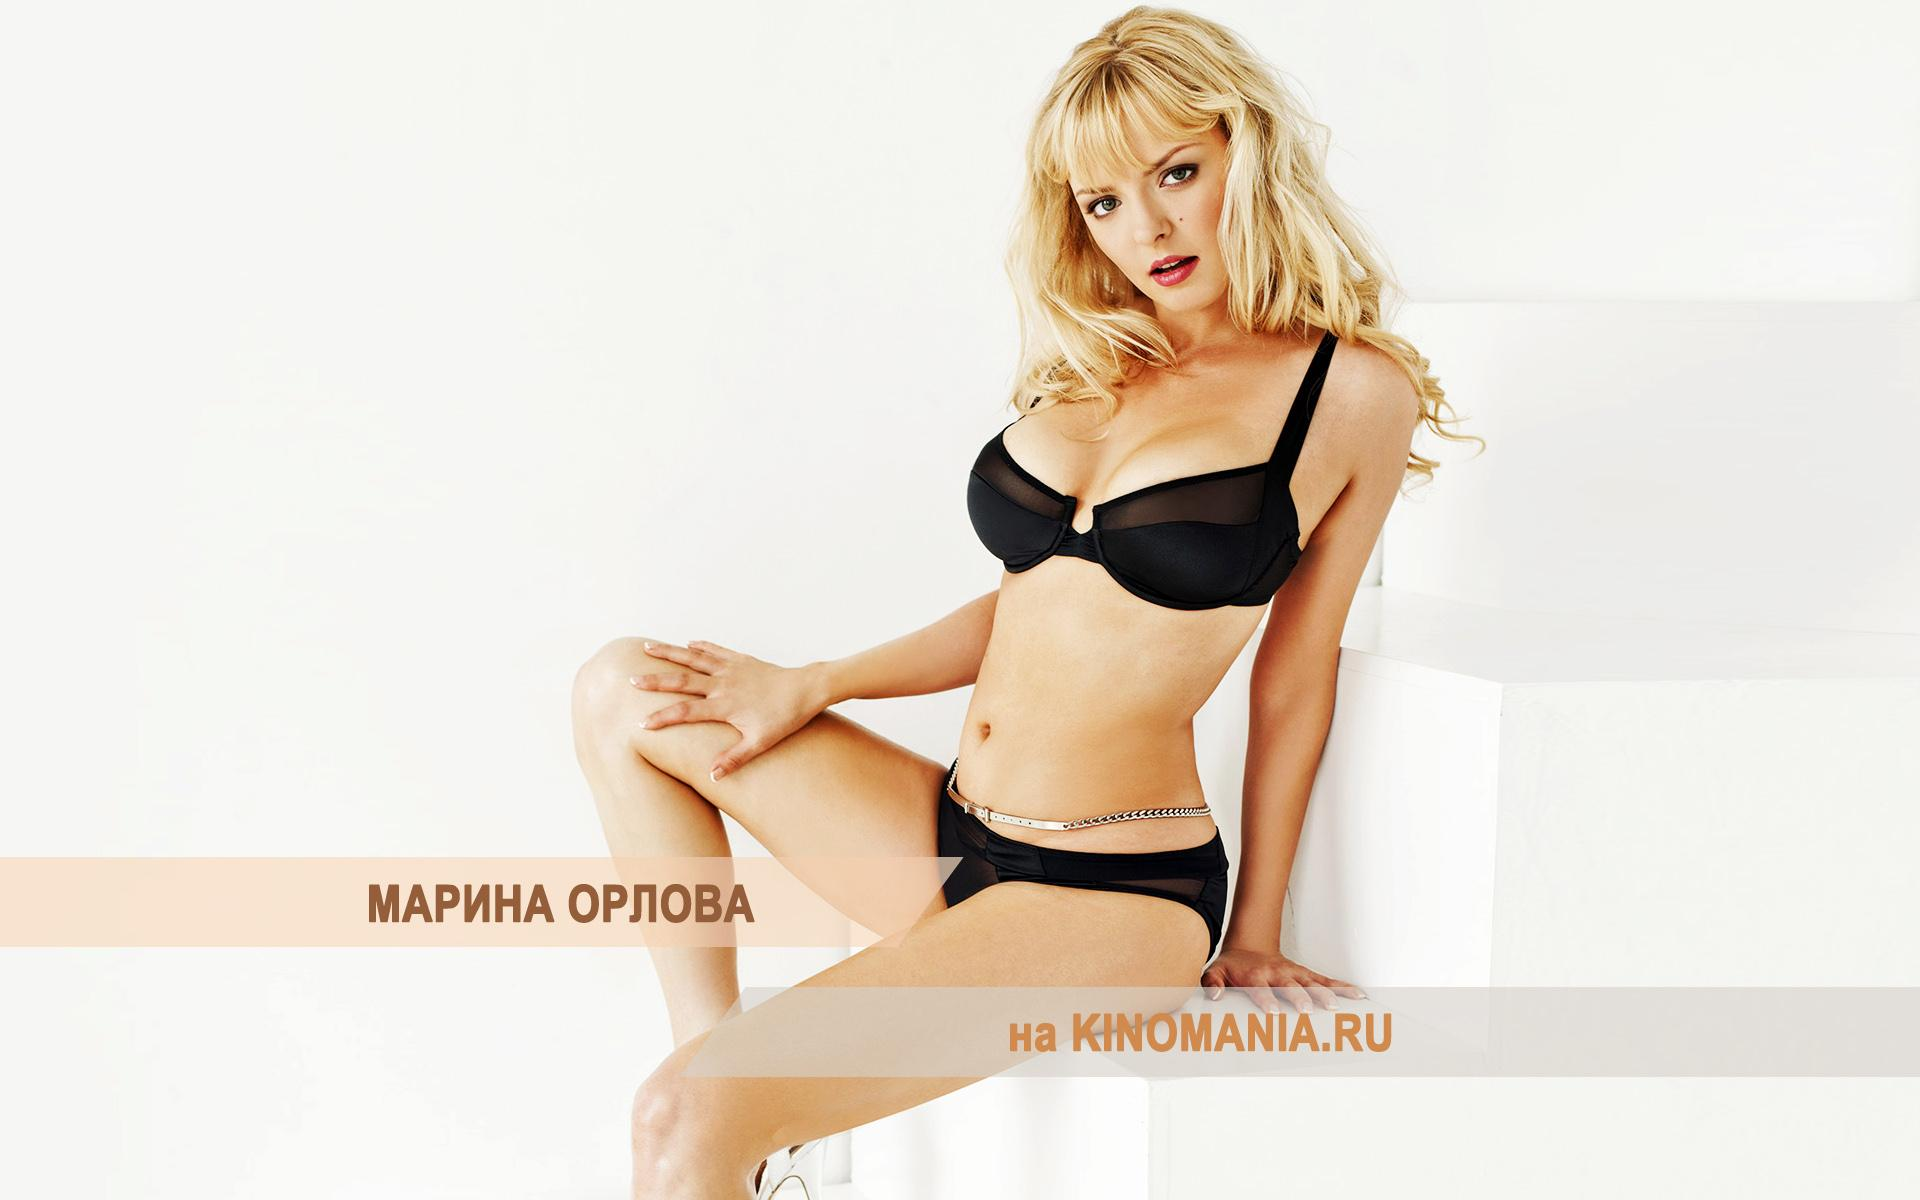 Участница русских порно фильмов марина